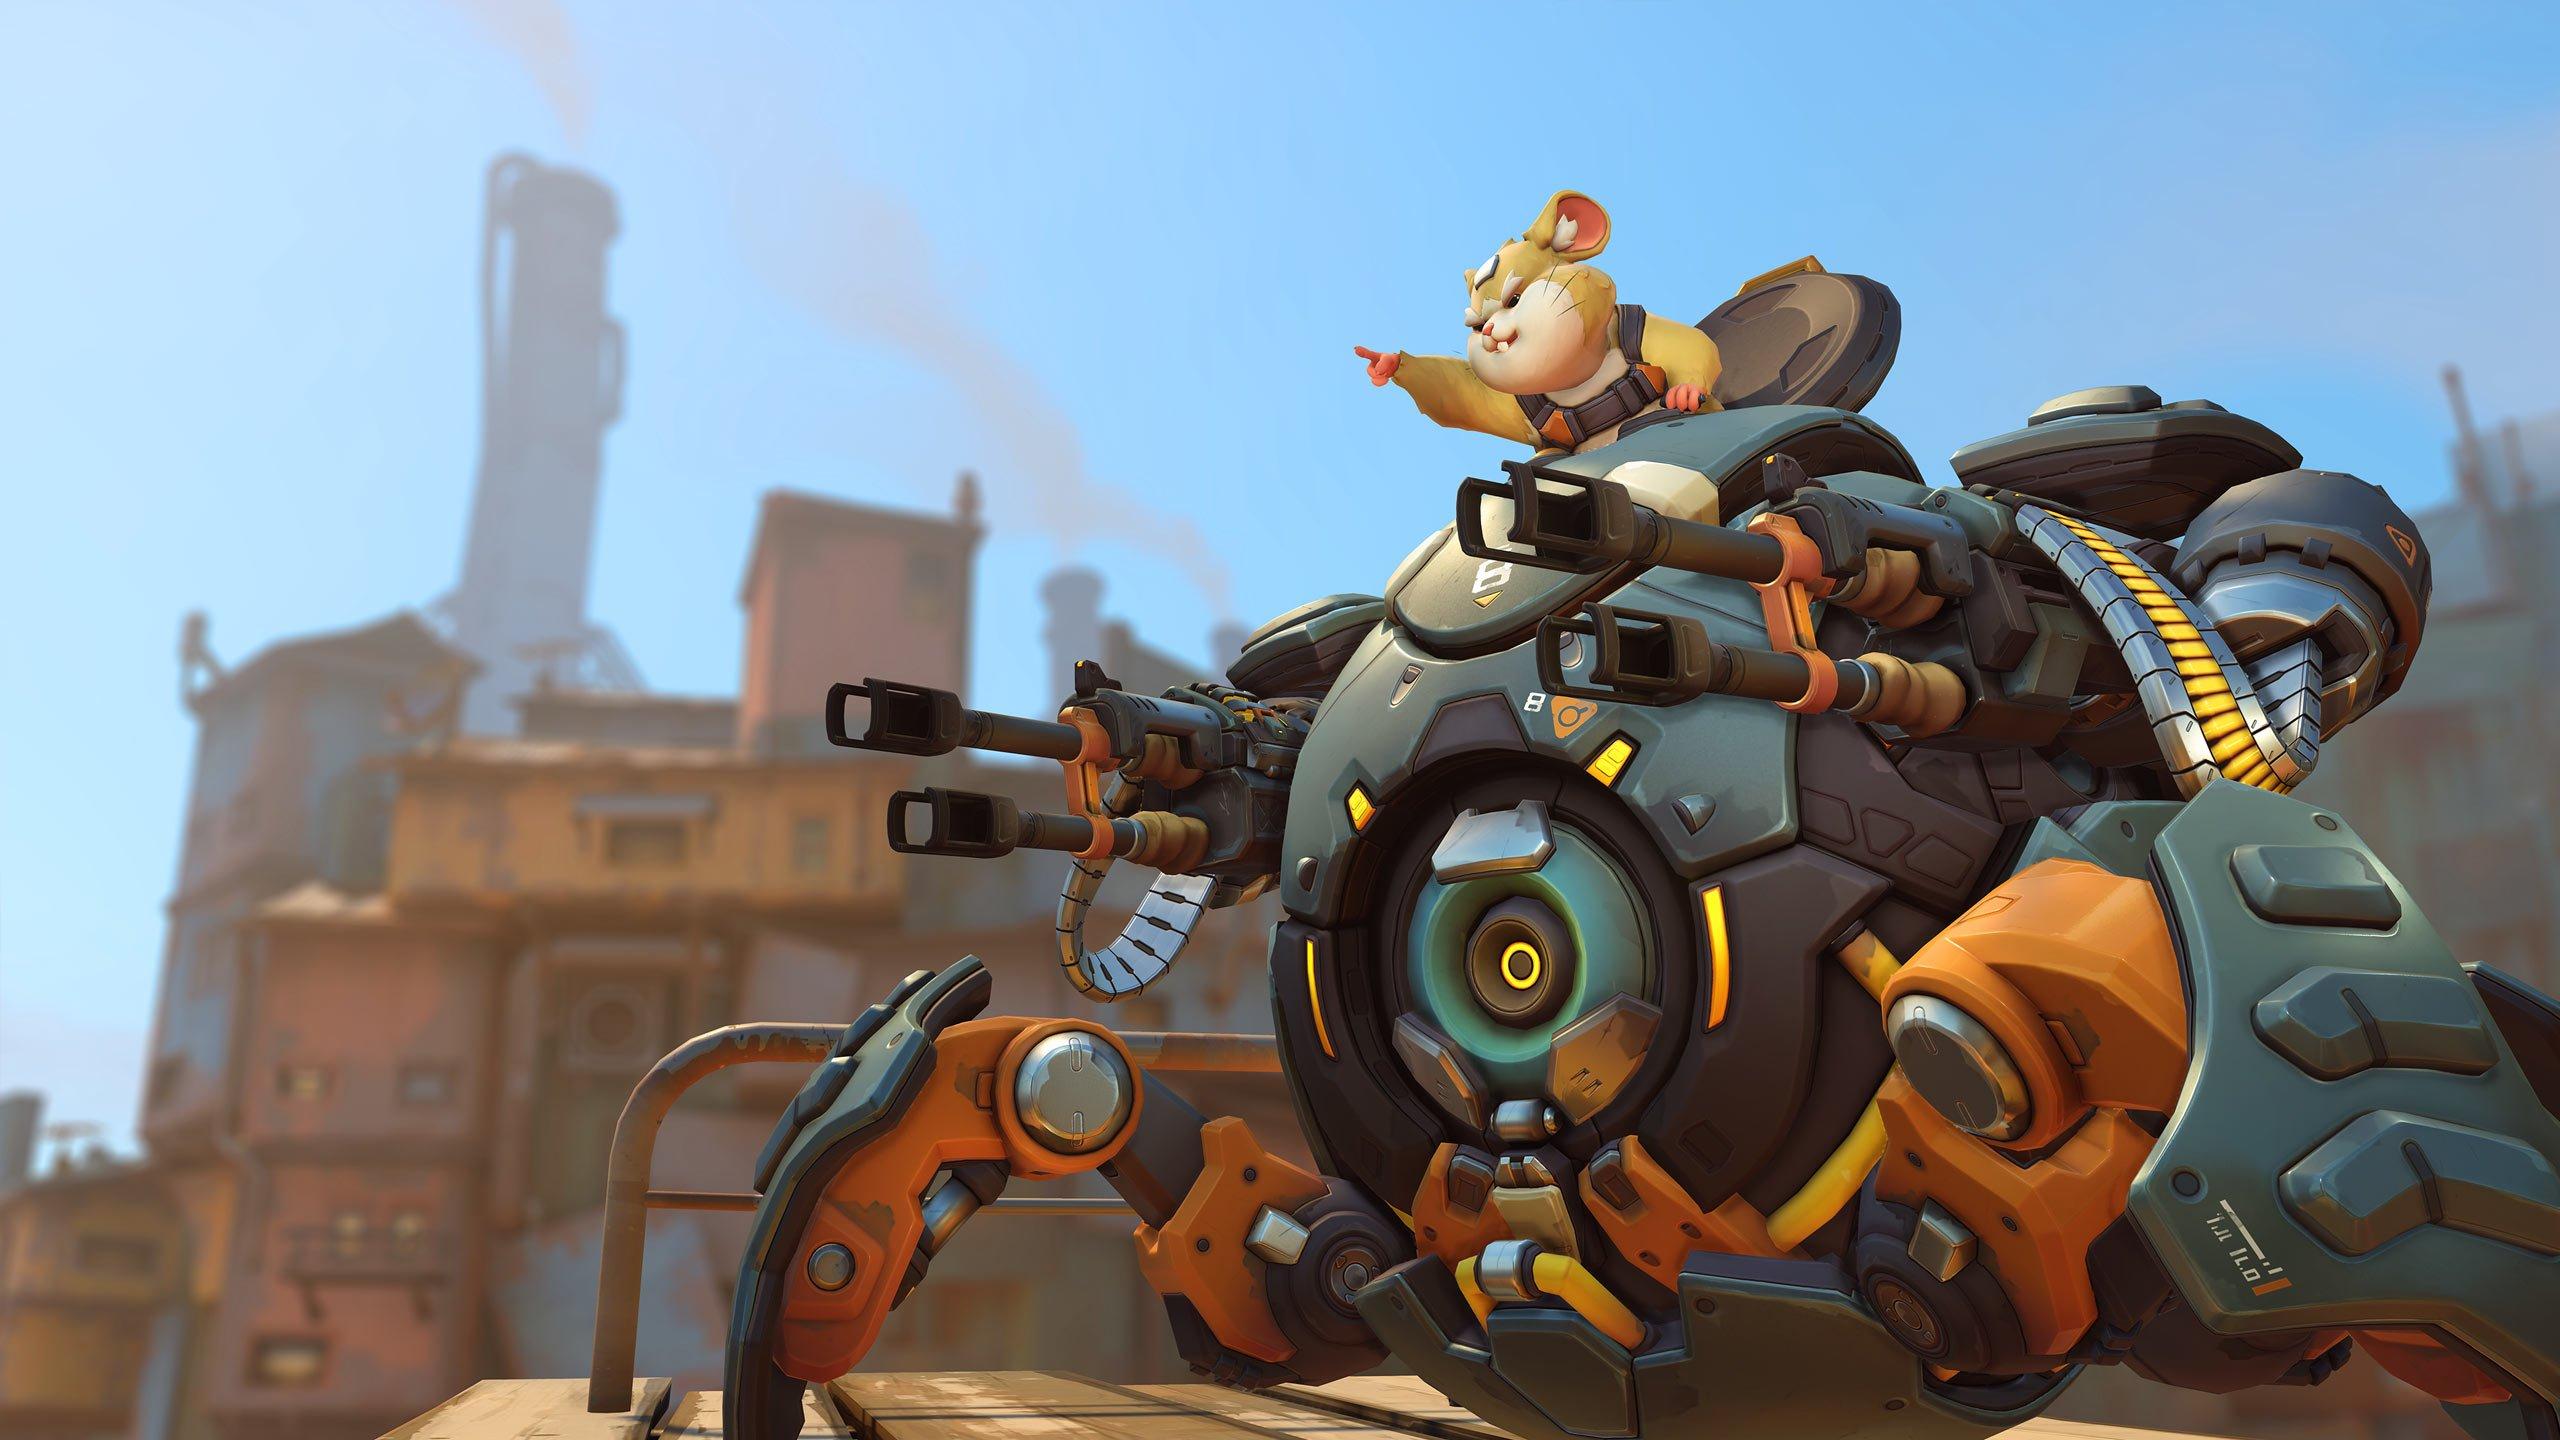 Le nouveau héros hamster d'Overwatch, Wrecking Ball, est sorti maintenant.